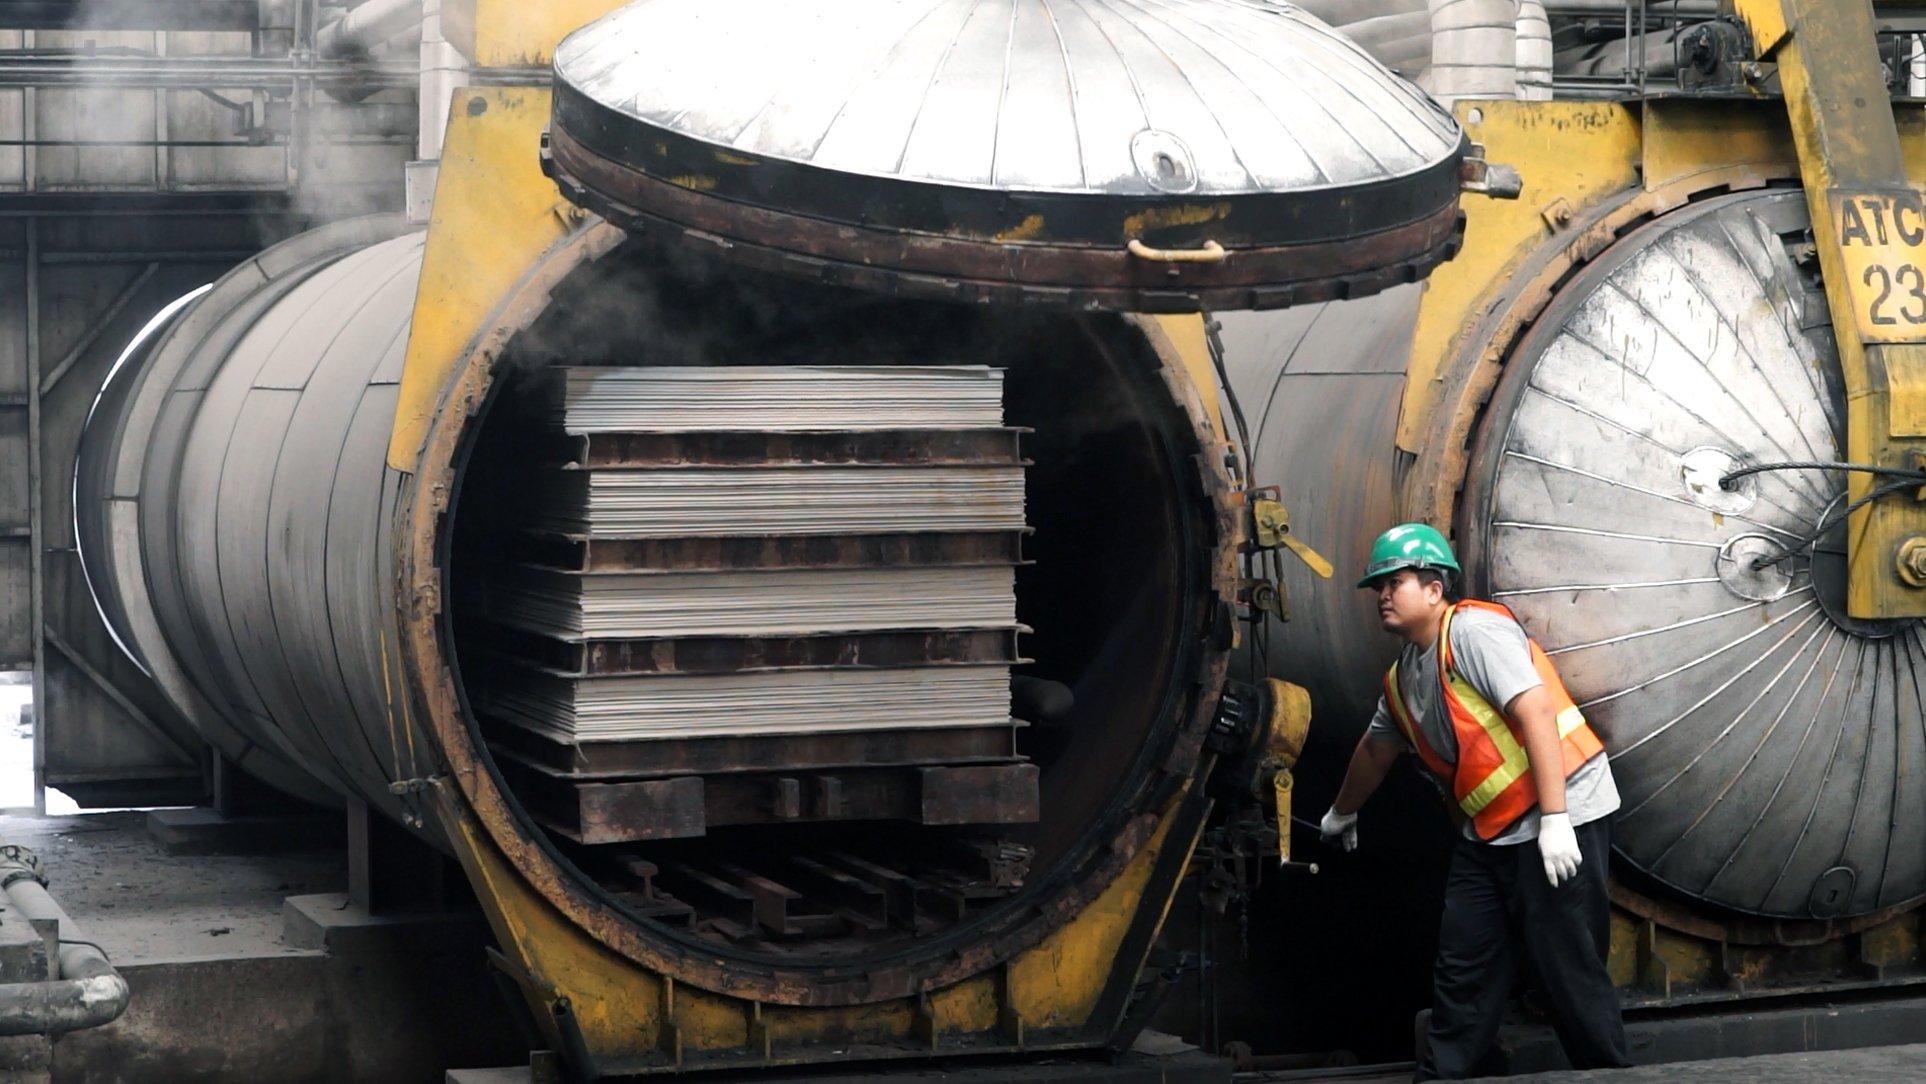 จัดงานวิ่ง Half Marathon บนสะพานข้ามแม่น้ำแคว พื้นที่ประวัติศาสตร์โลกได้ด้วยเทคโนโลยีก่อสร้างสมัยใหม่ (ถอนต้องไวก่อนรถไฟมา) #SHERA 42 - fiber cement wood